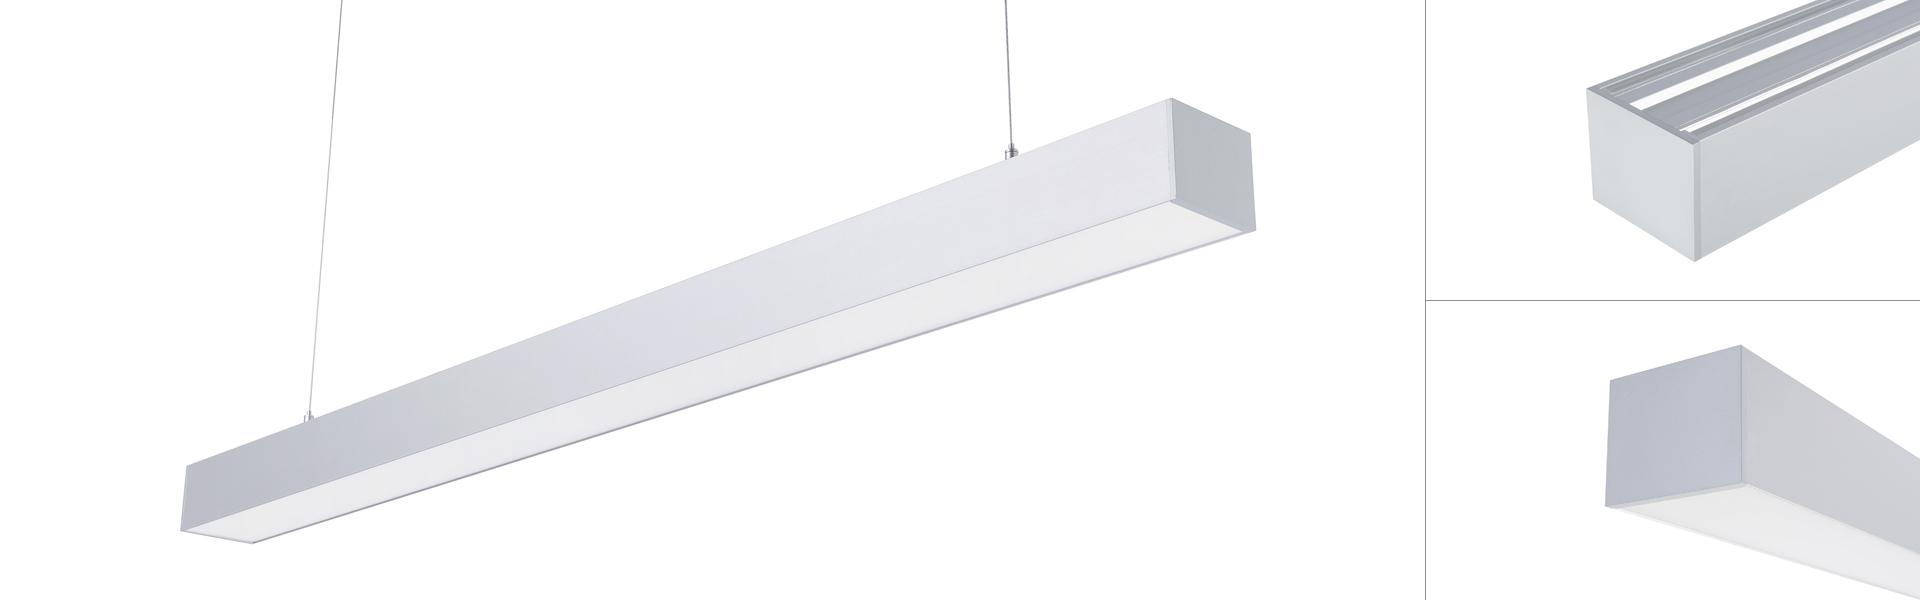 Line LED Lichtlinie